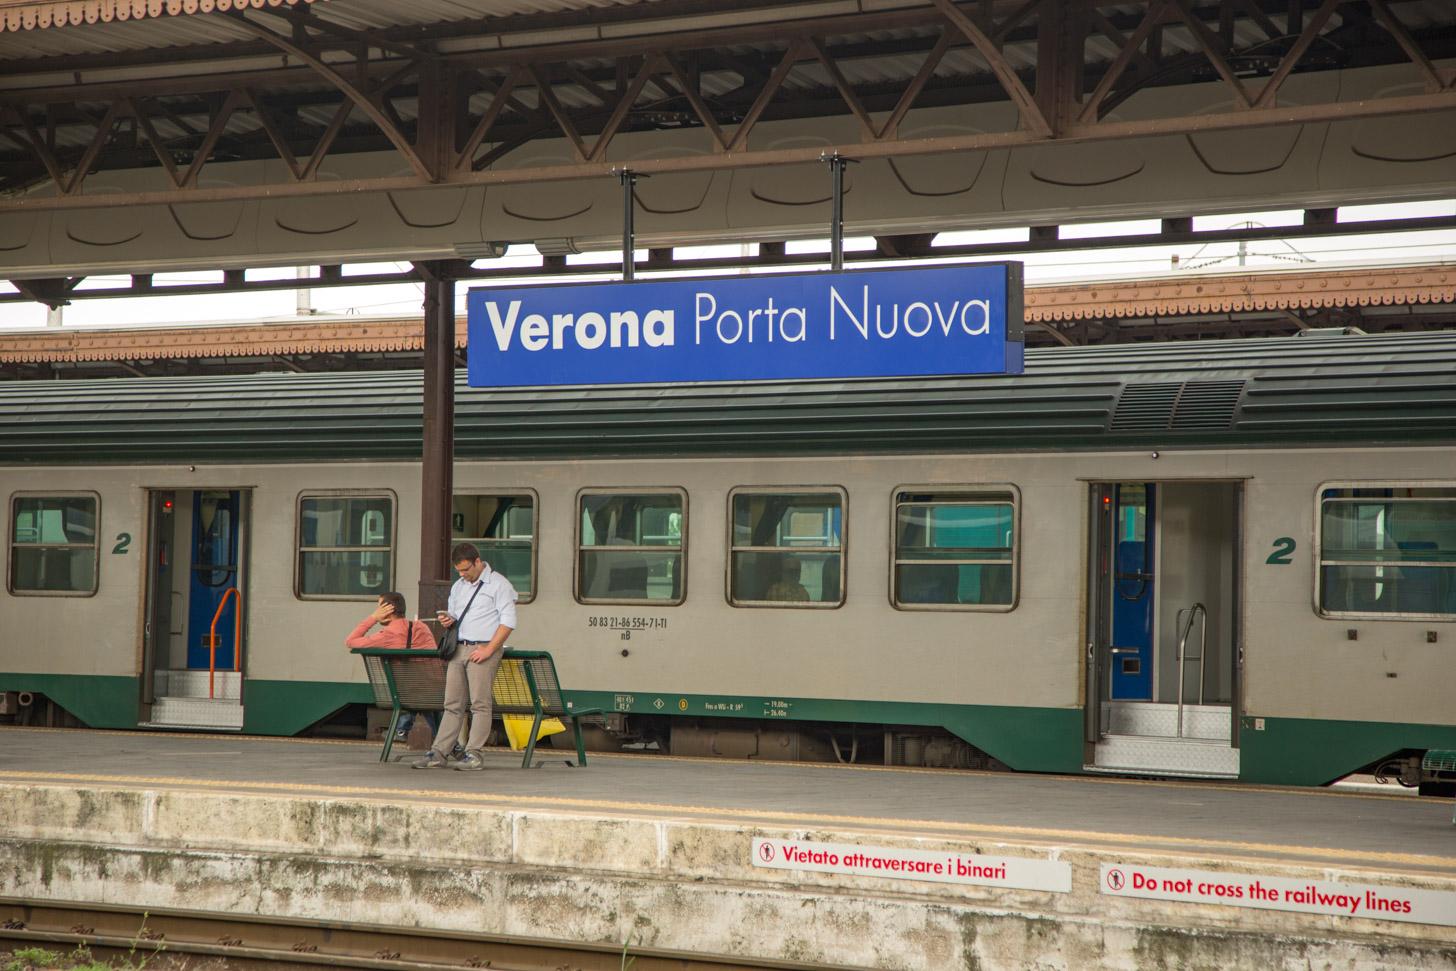 Met de trein naar Verona reizen